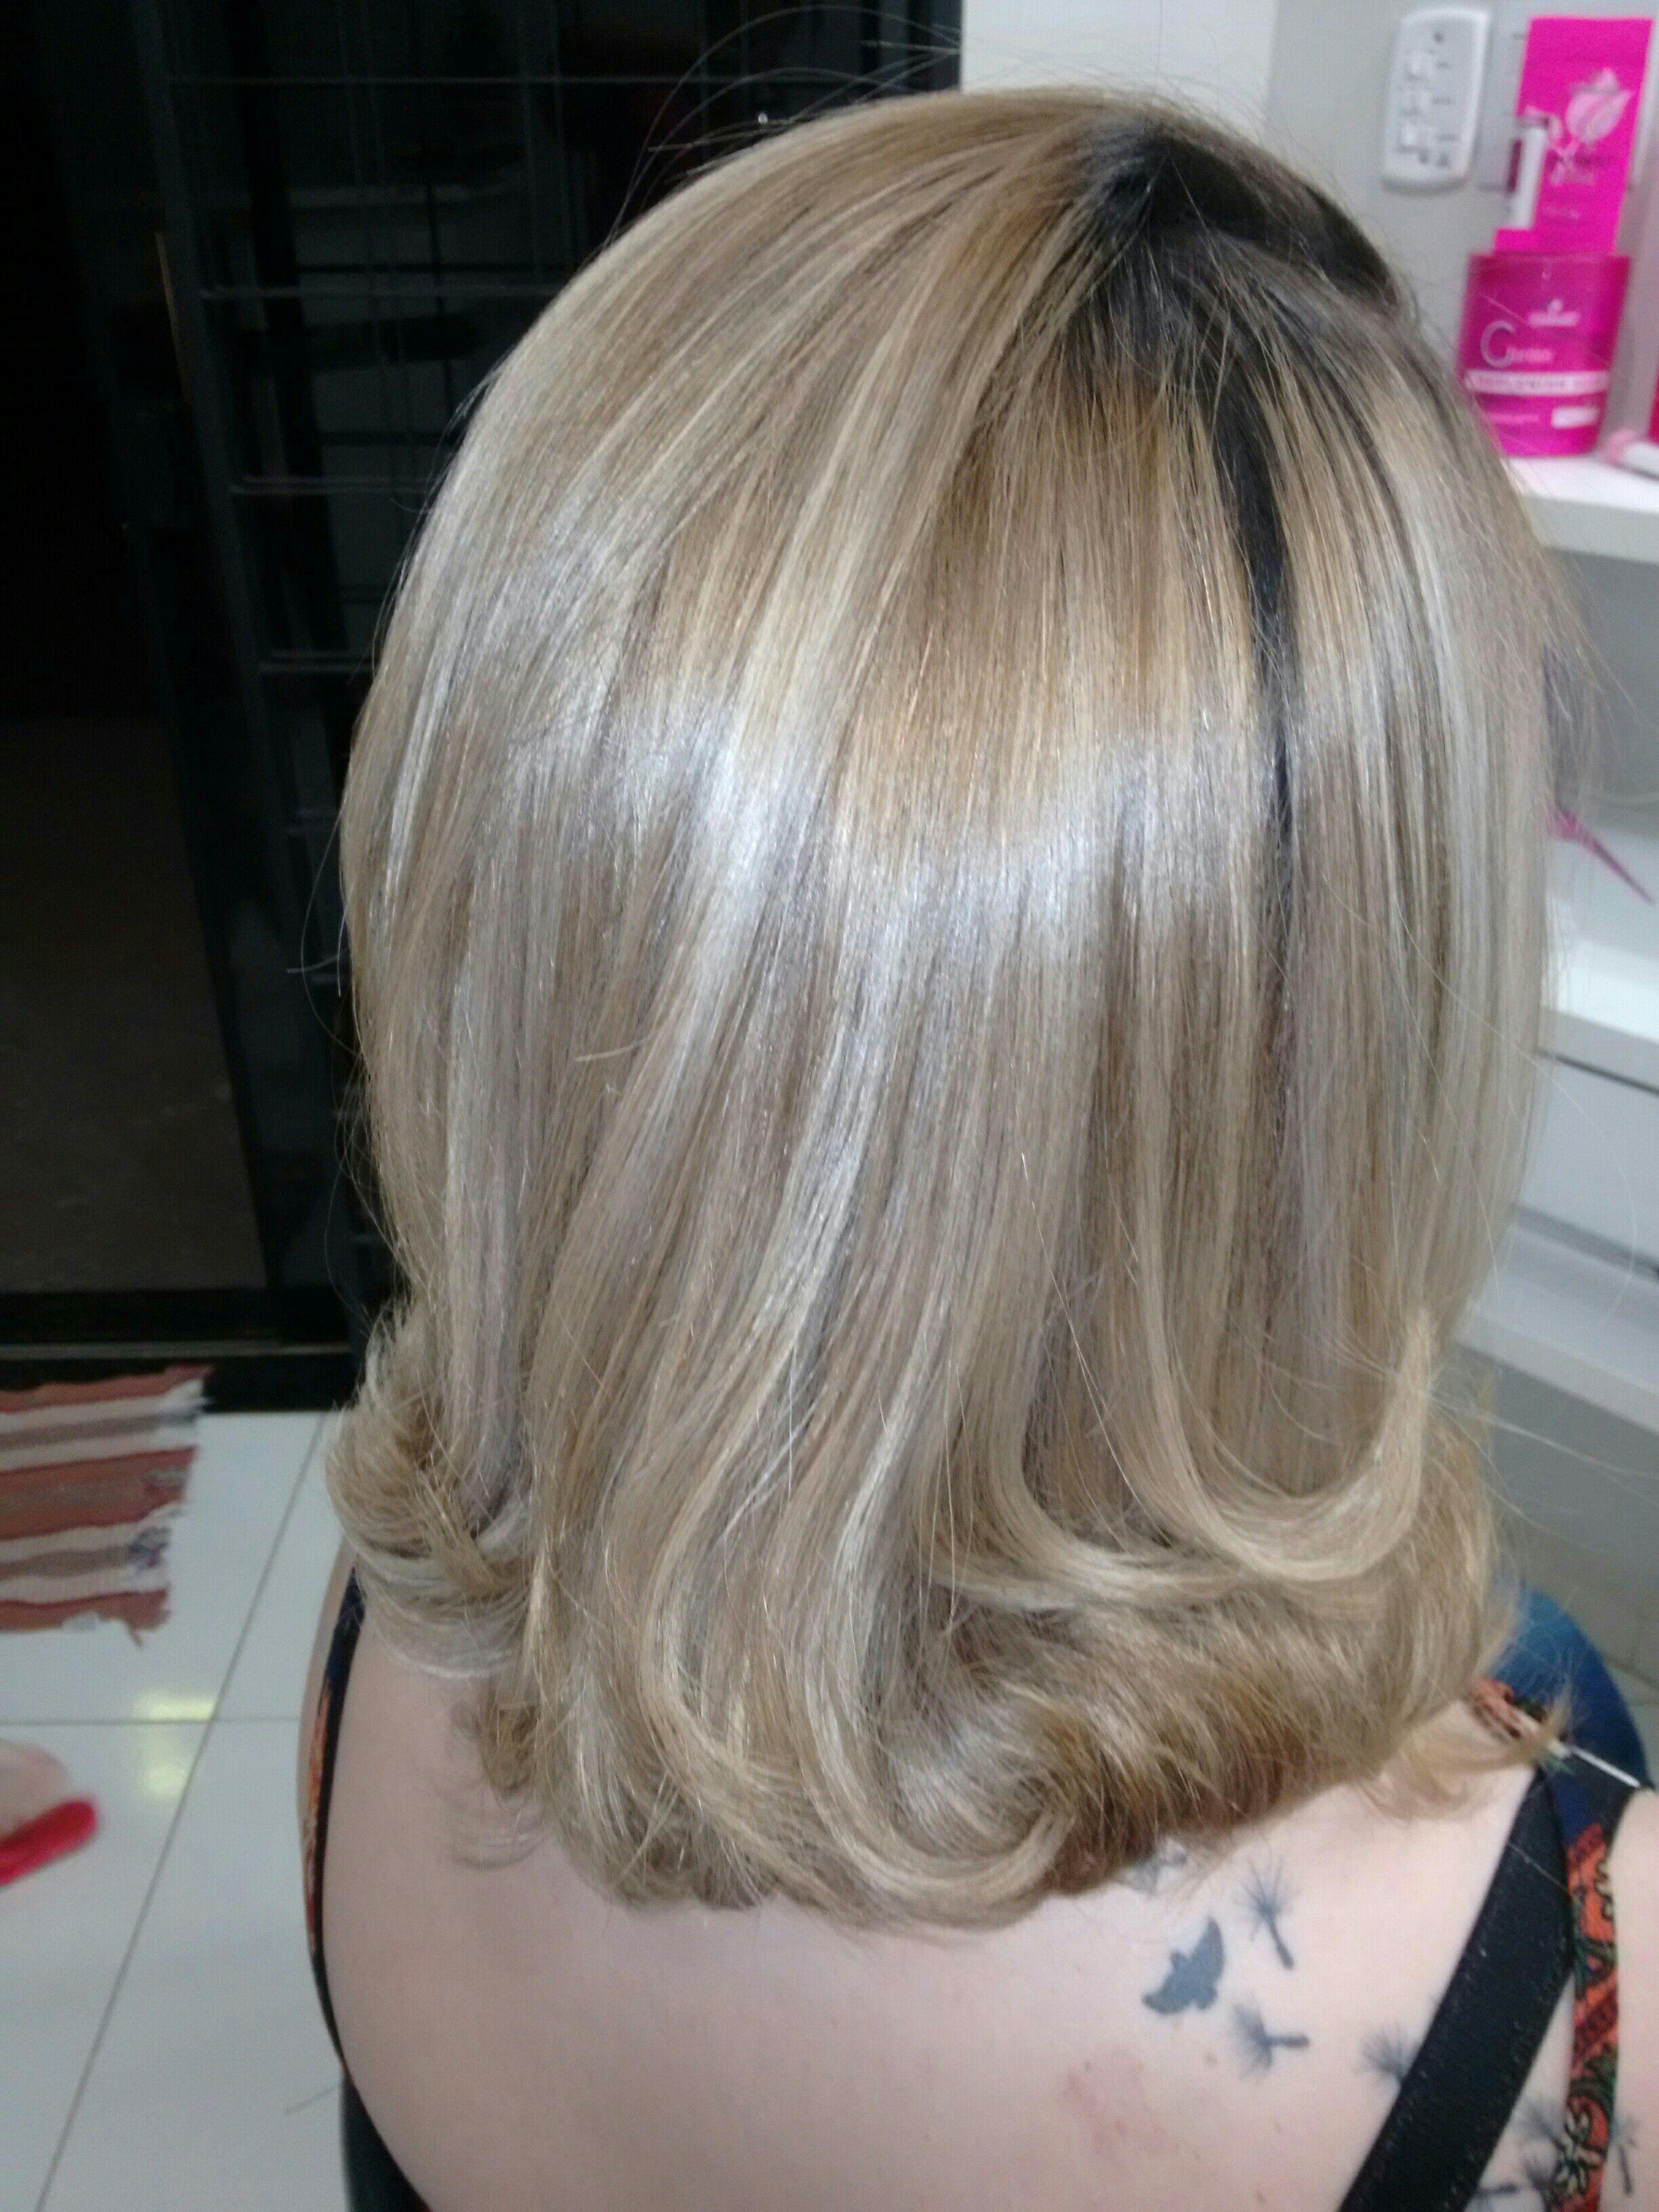 Hidratação lavatório de luxo cabelo cabeleireiro(a) cabeleireiro(a)